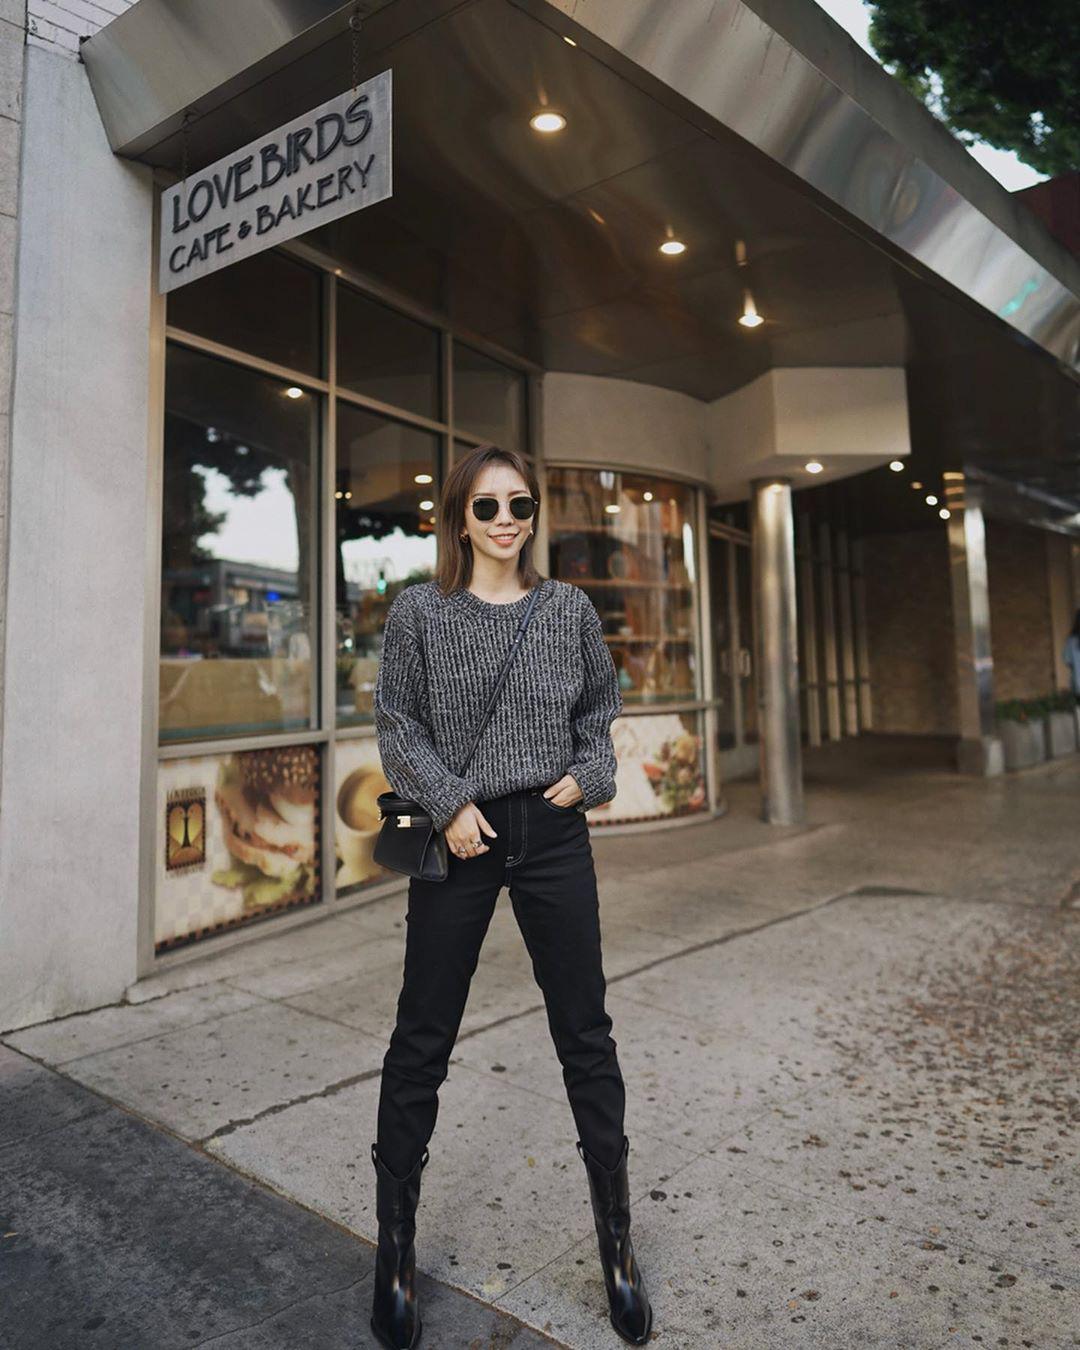 Diện quần jeans, chưa chắc là bạn đã có vẻ ngoài sành điệu nếu không mix với 4 mẫu giày sau đây - Ảnh 8